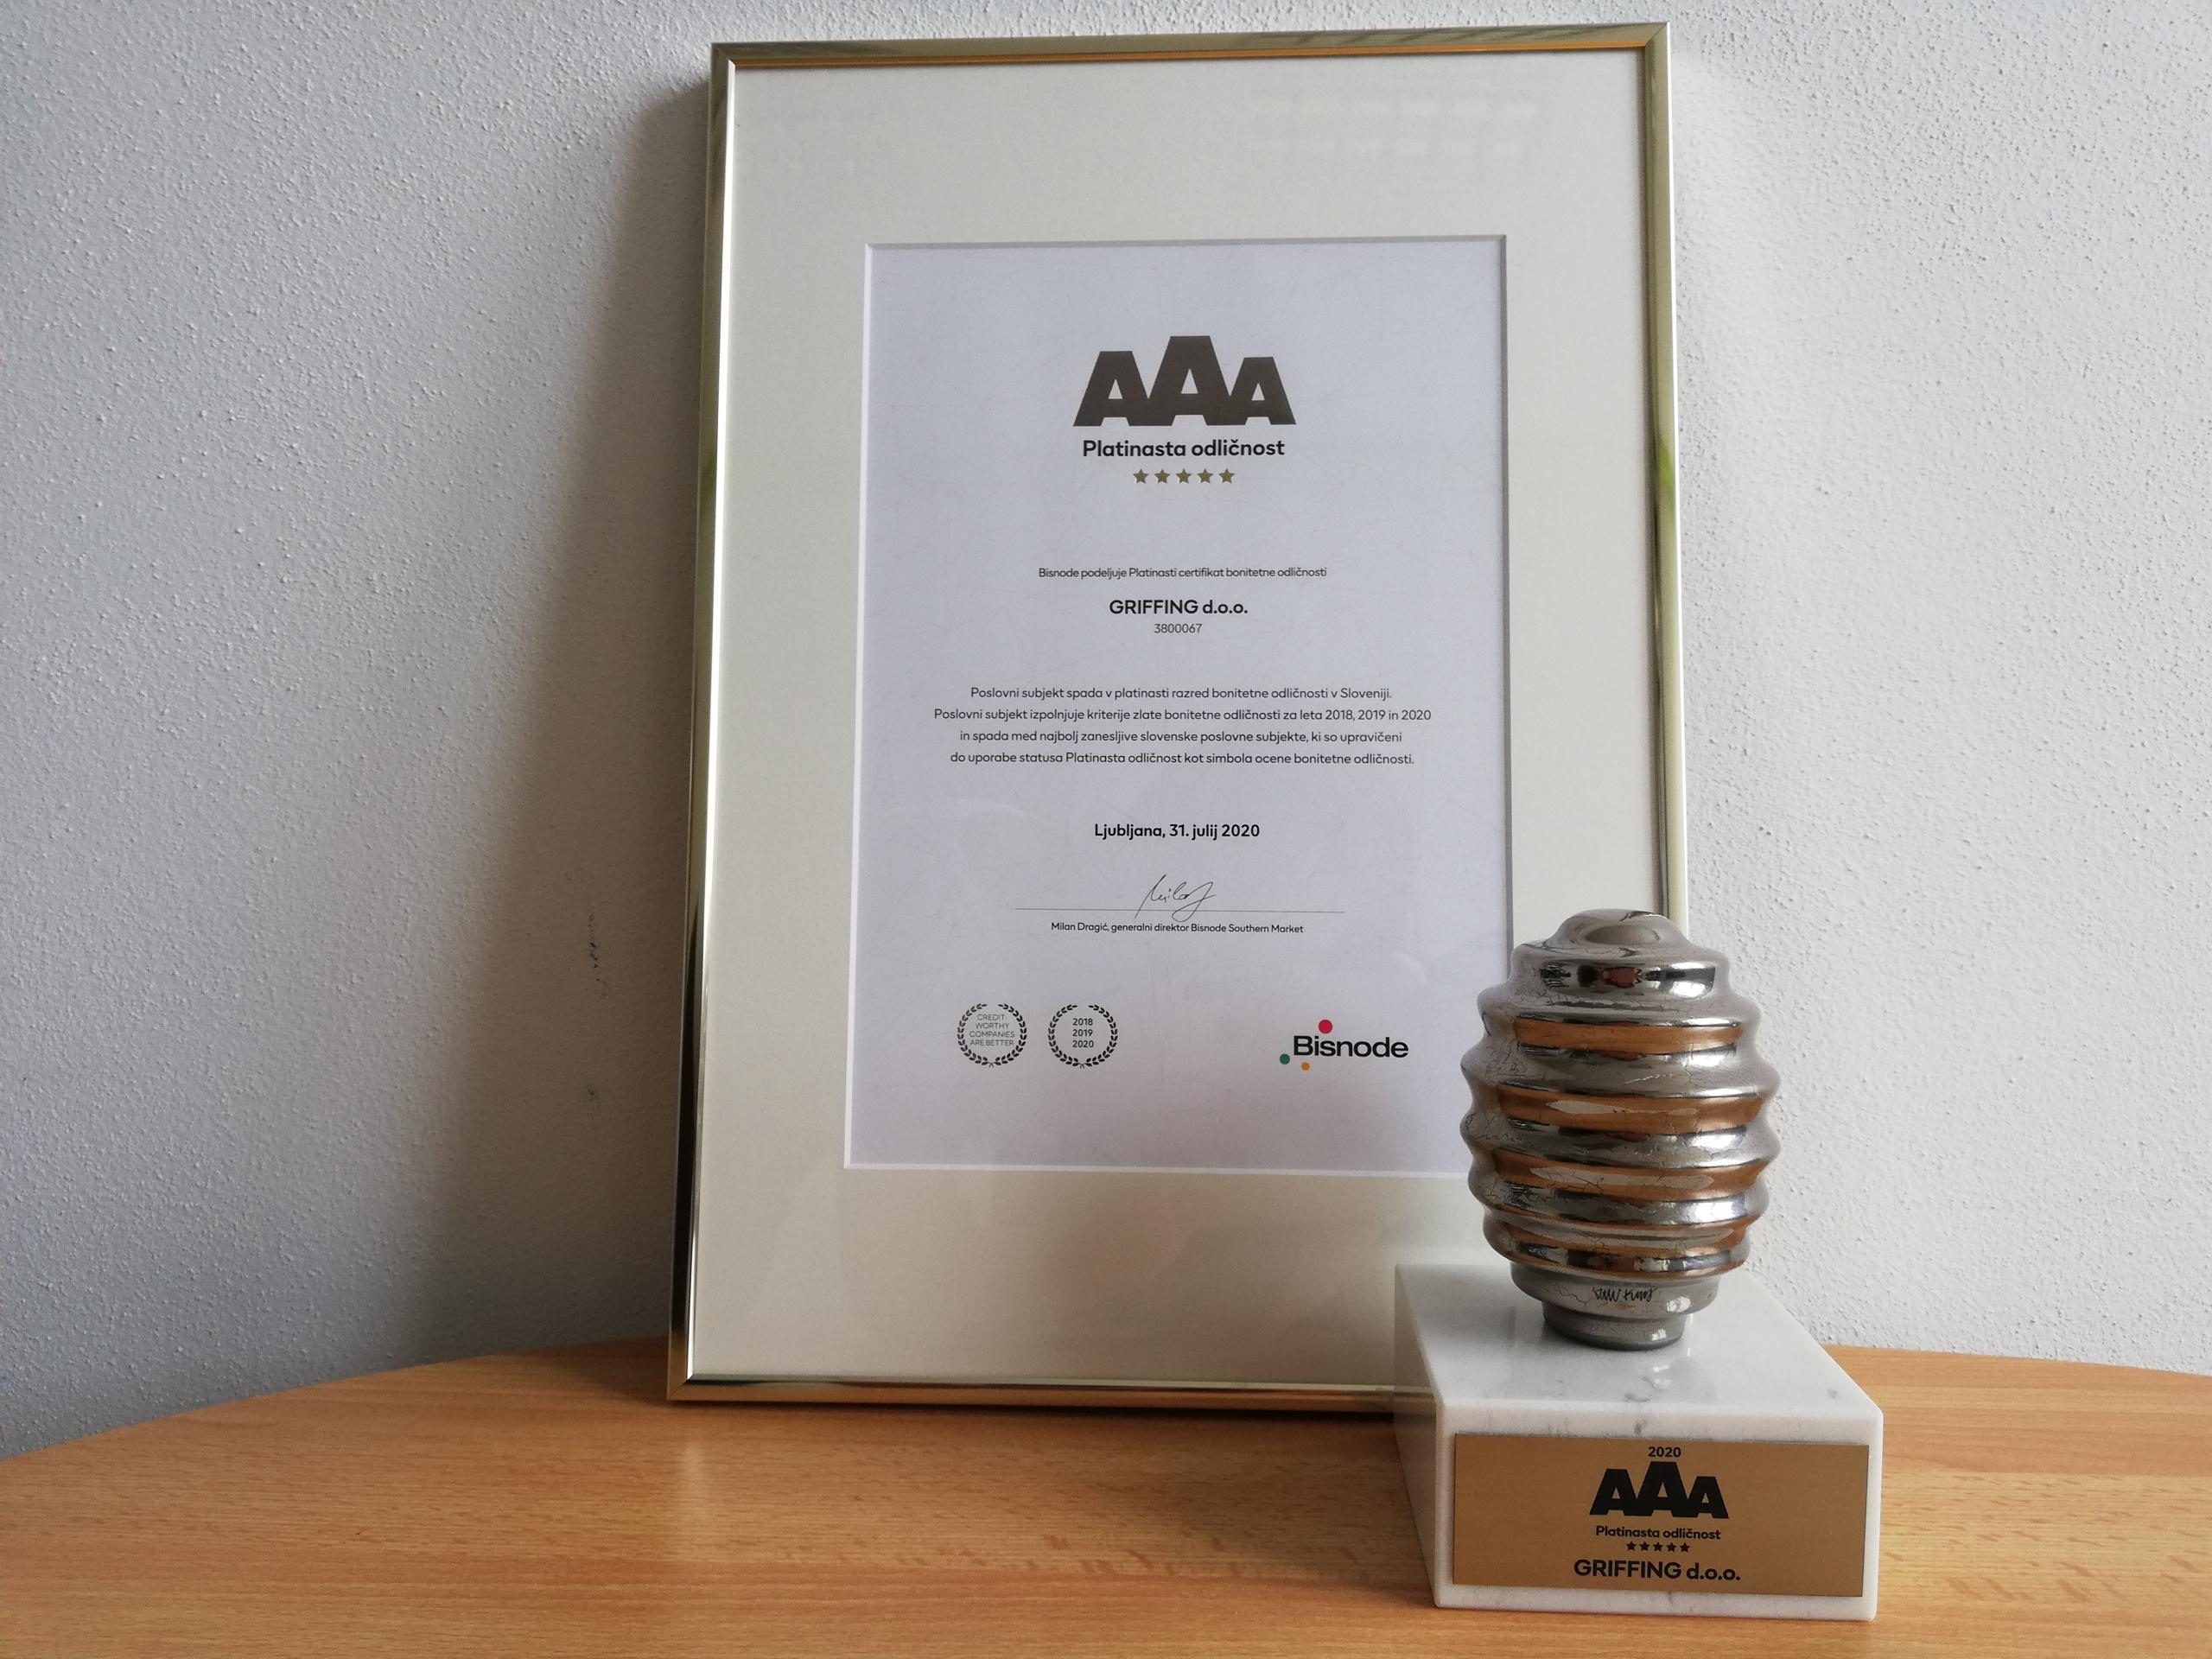 Platinasta odličnost AAA 2020 - Platinum Creditworthiness AAA 2020 - Bonitaet Platin AAA 2020 - Griffing